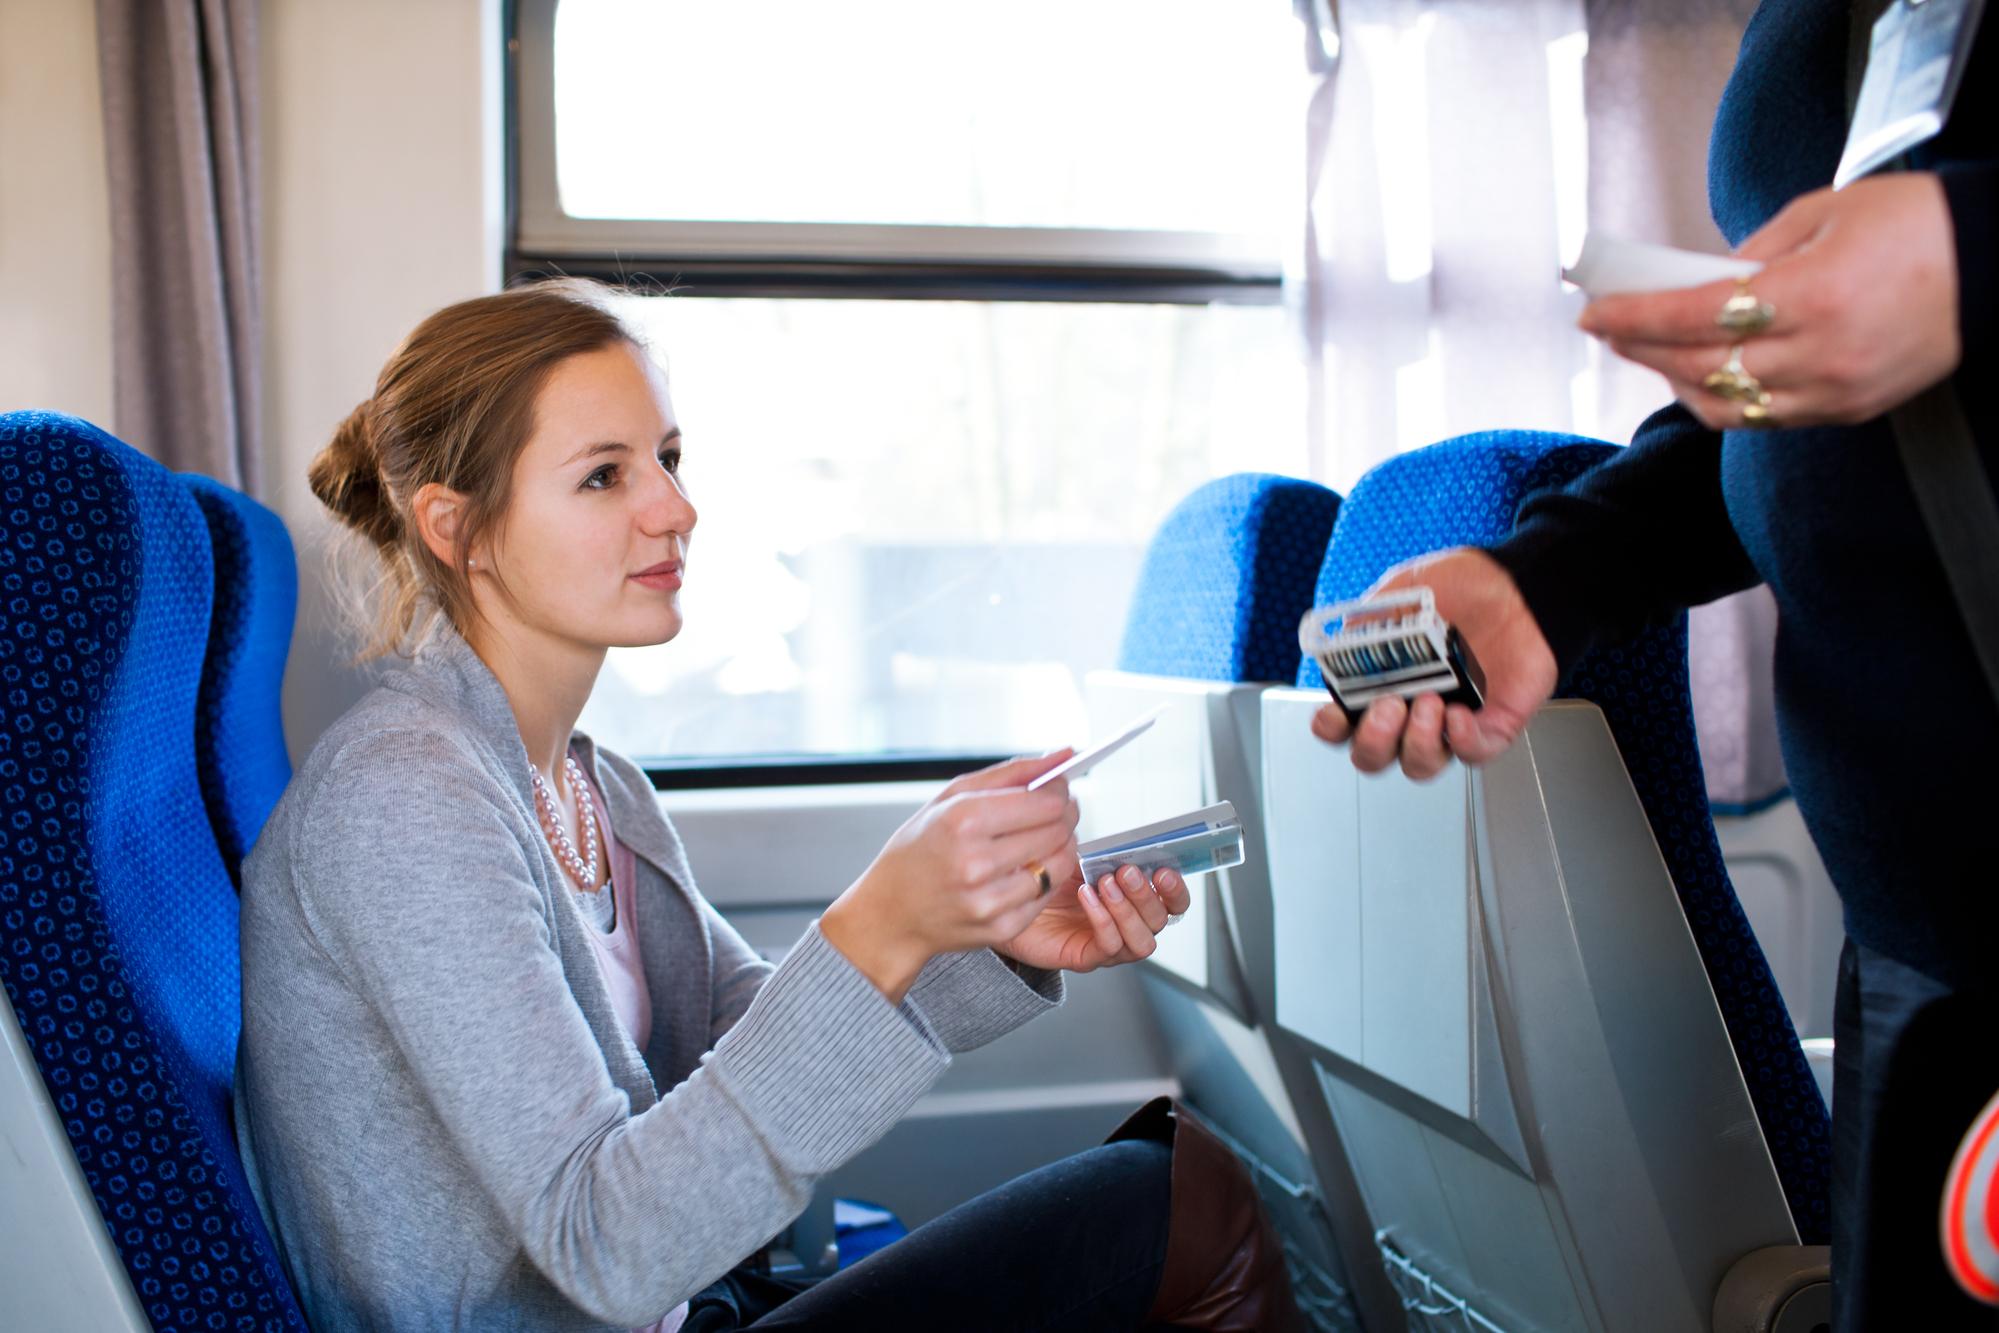 La Cour européenne a statué sur le droit des passagers empruntant un train sans billet et victime de retards et annulations de leur voyage - DR : DepositPhotos